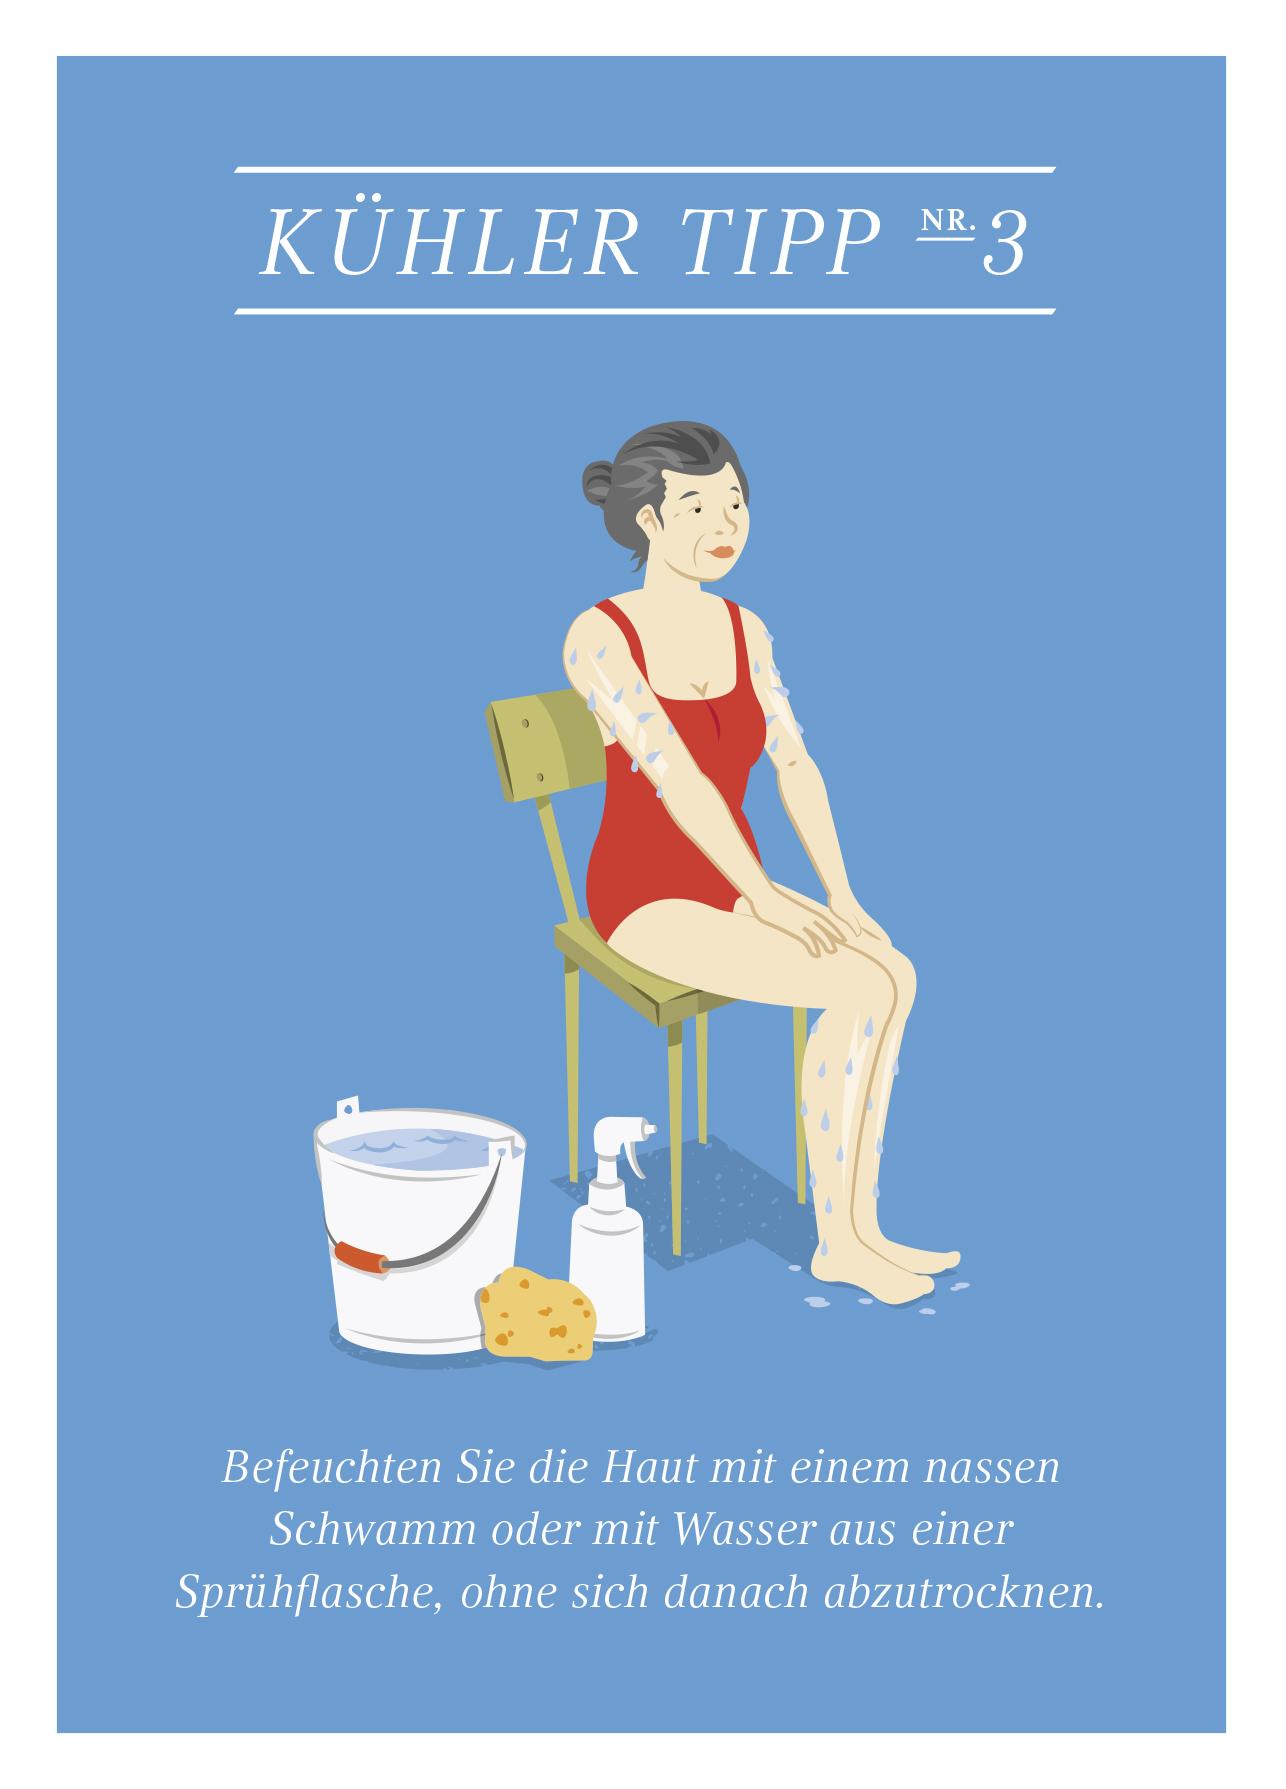 Grafik einer Dame die auf einem Stuhl sitzt und sich mit Schwamm und Sprühflasche die Haut befeuchtet